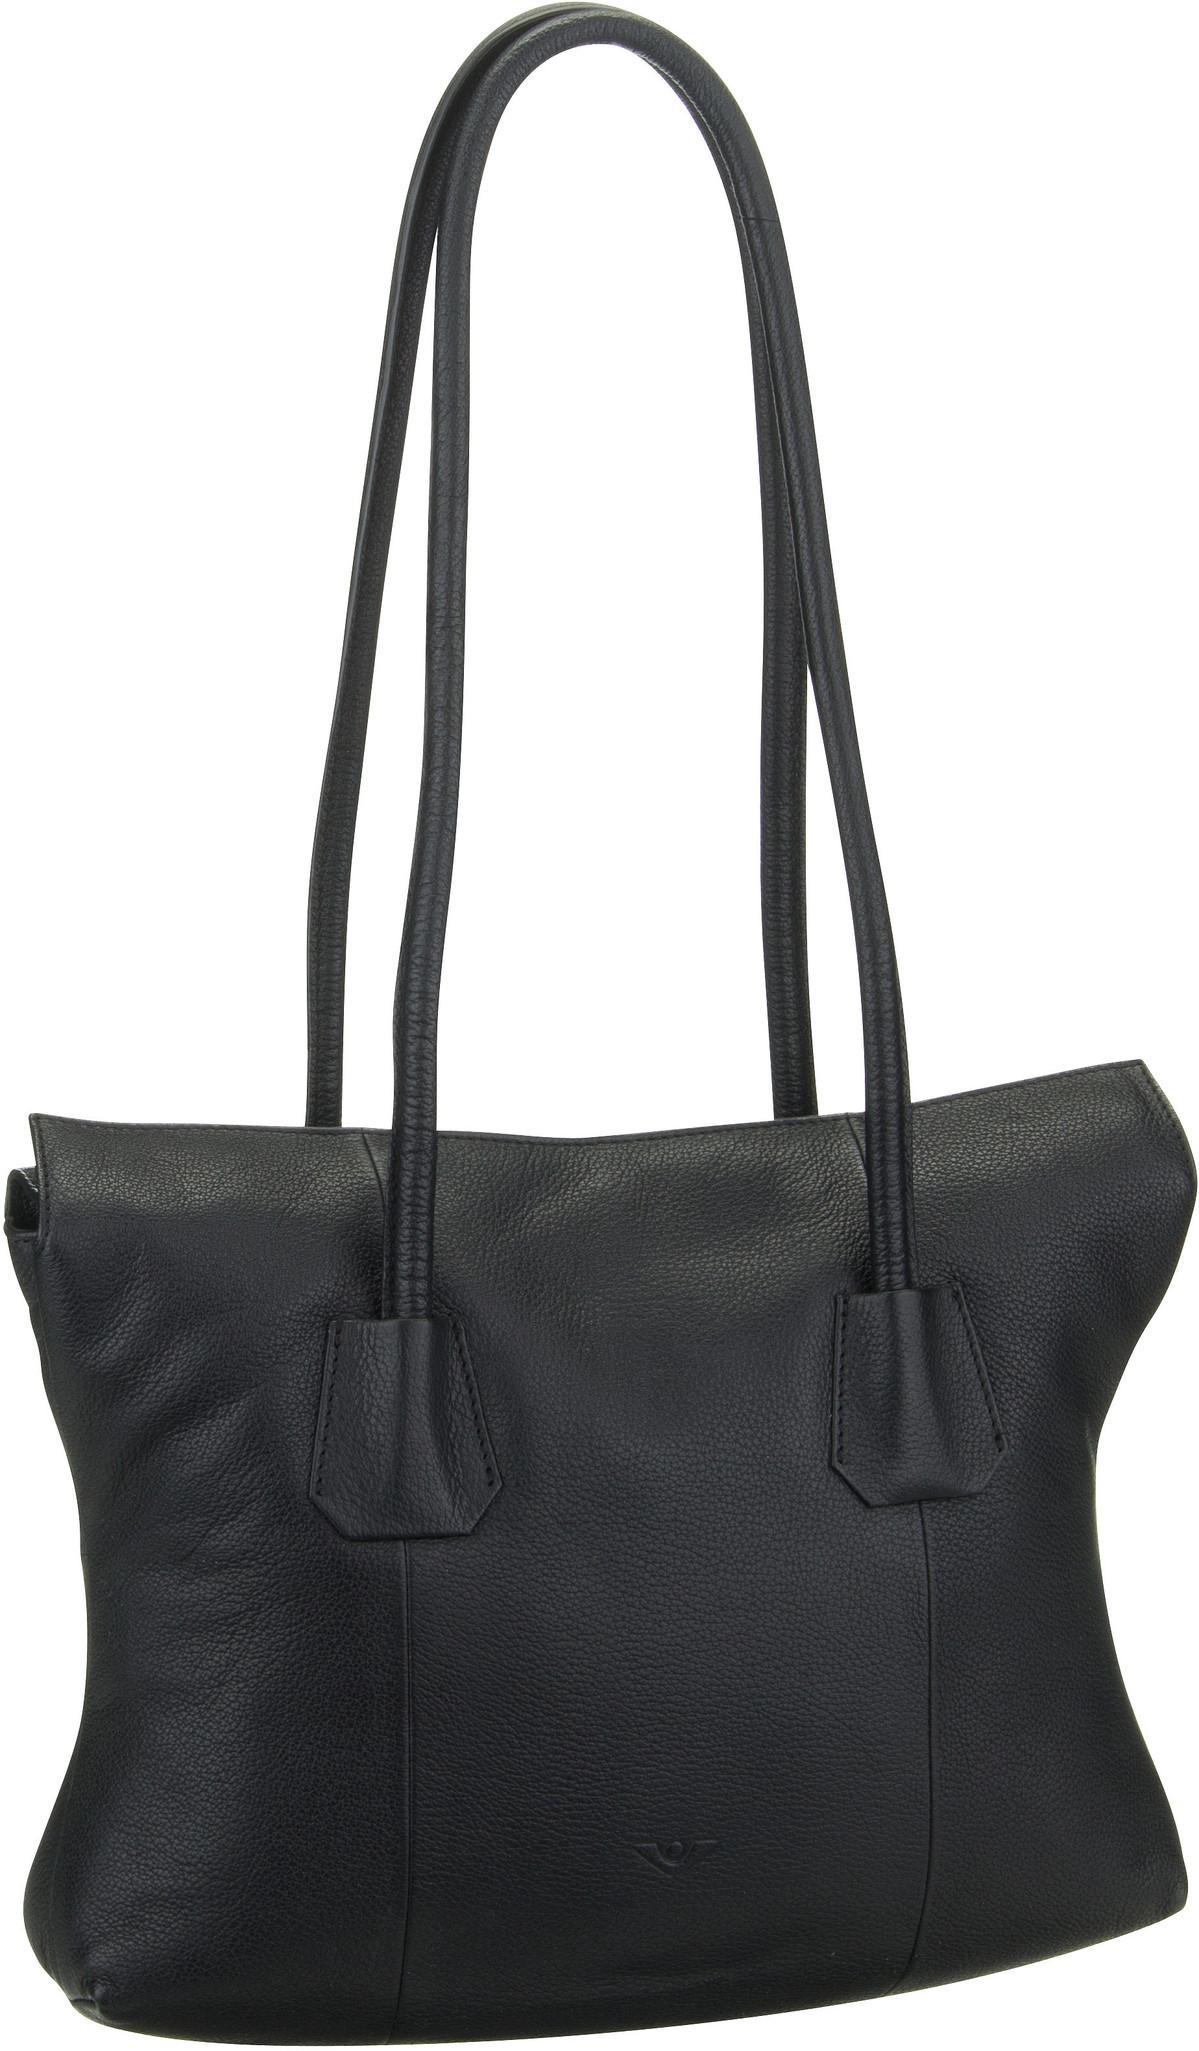 Voi Handtasche Deluxe 30462 Hobo Bag Schwarz